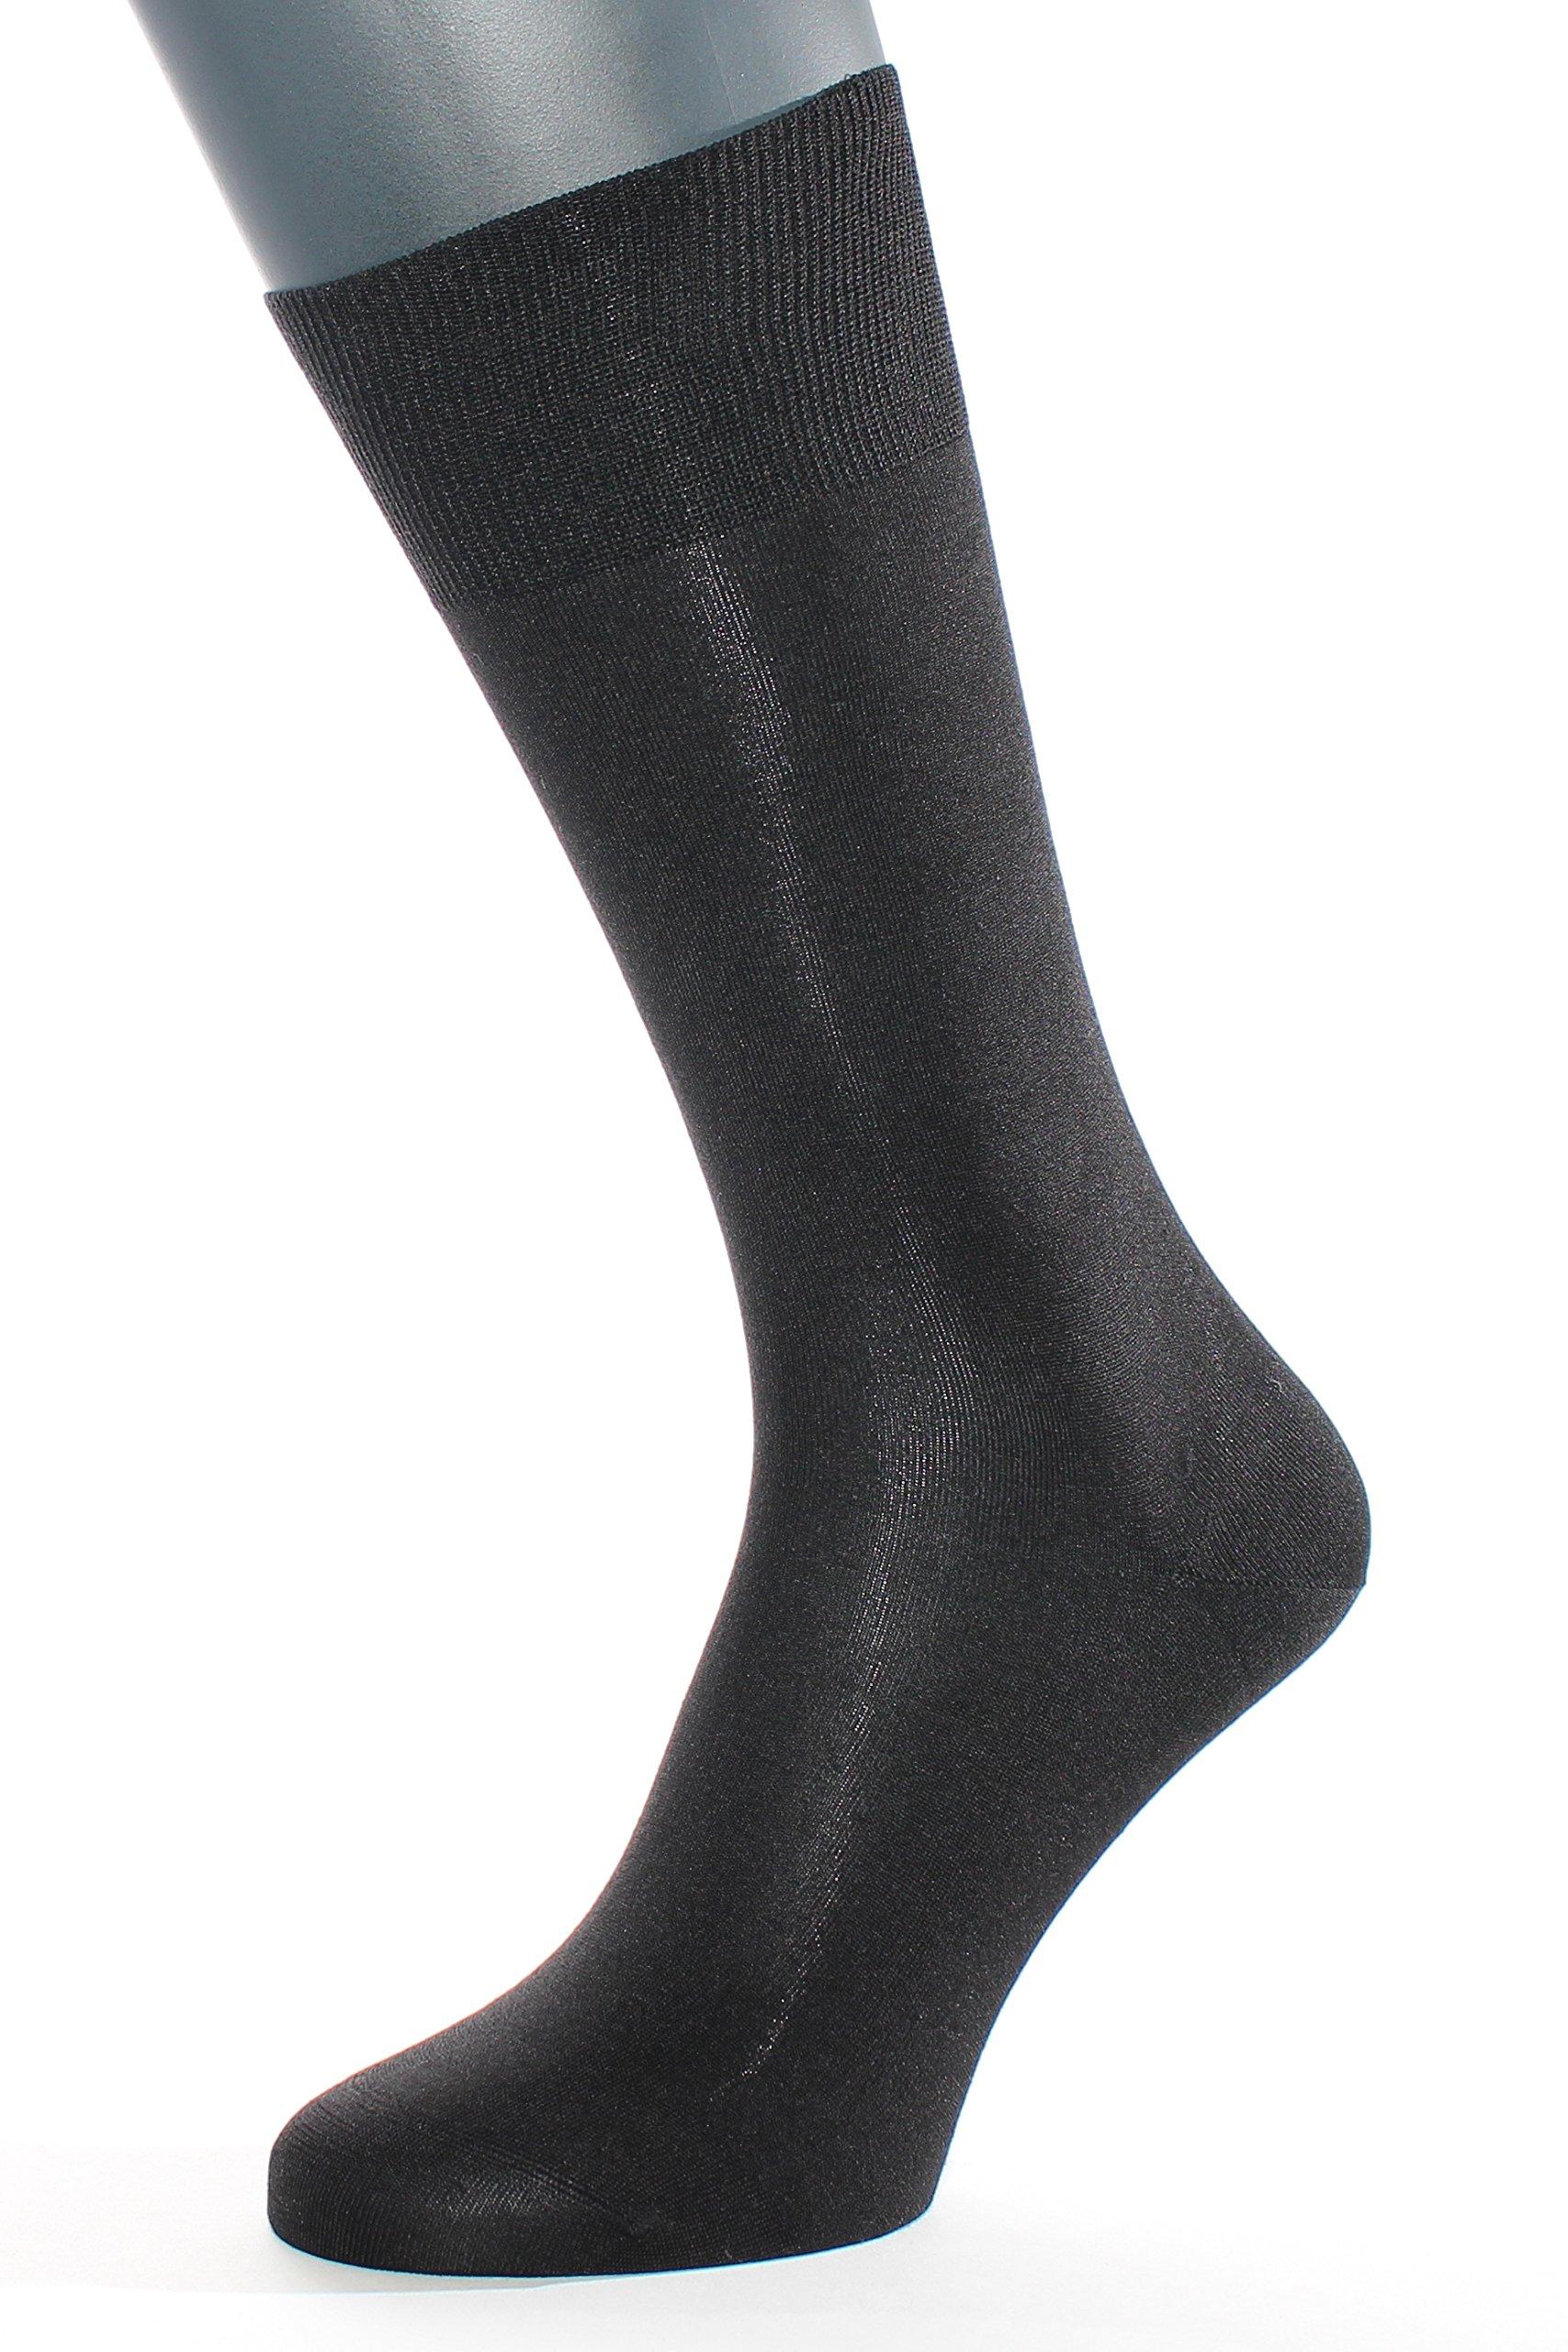 ALBERT KREUZ men's black luxury business socks of 98% silk – Made in Germany EU 42-44 / US 9-11